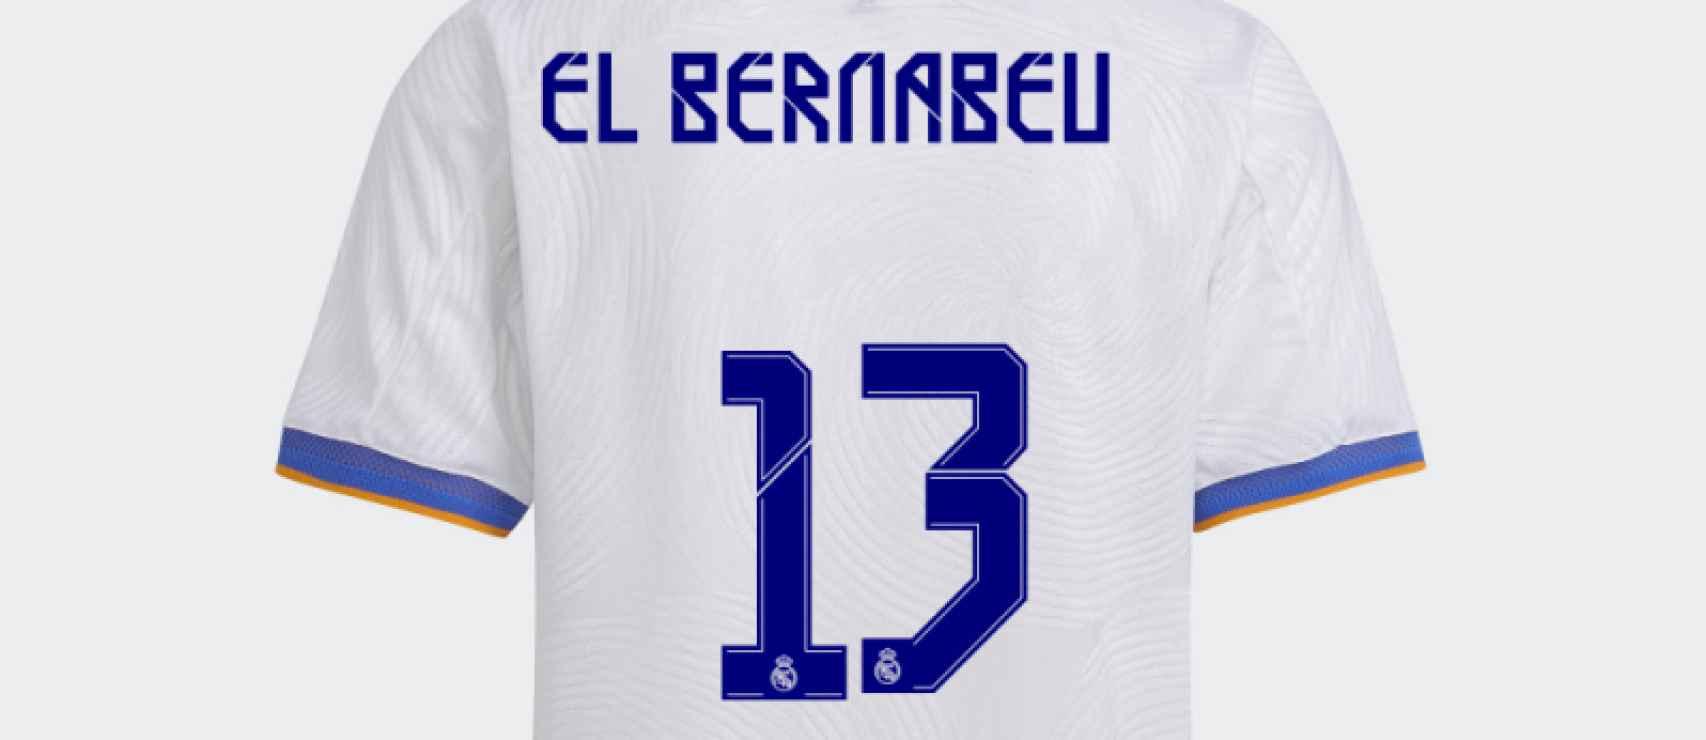 Personaliza la camiseta del Real Madrid 2021/2022 con tu nombre y número